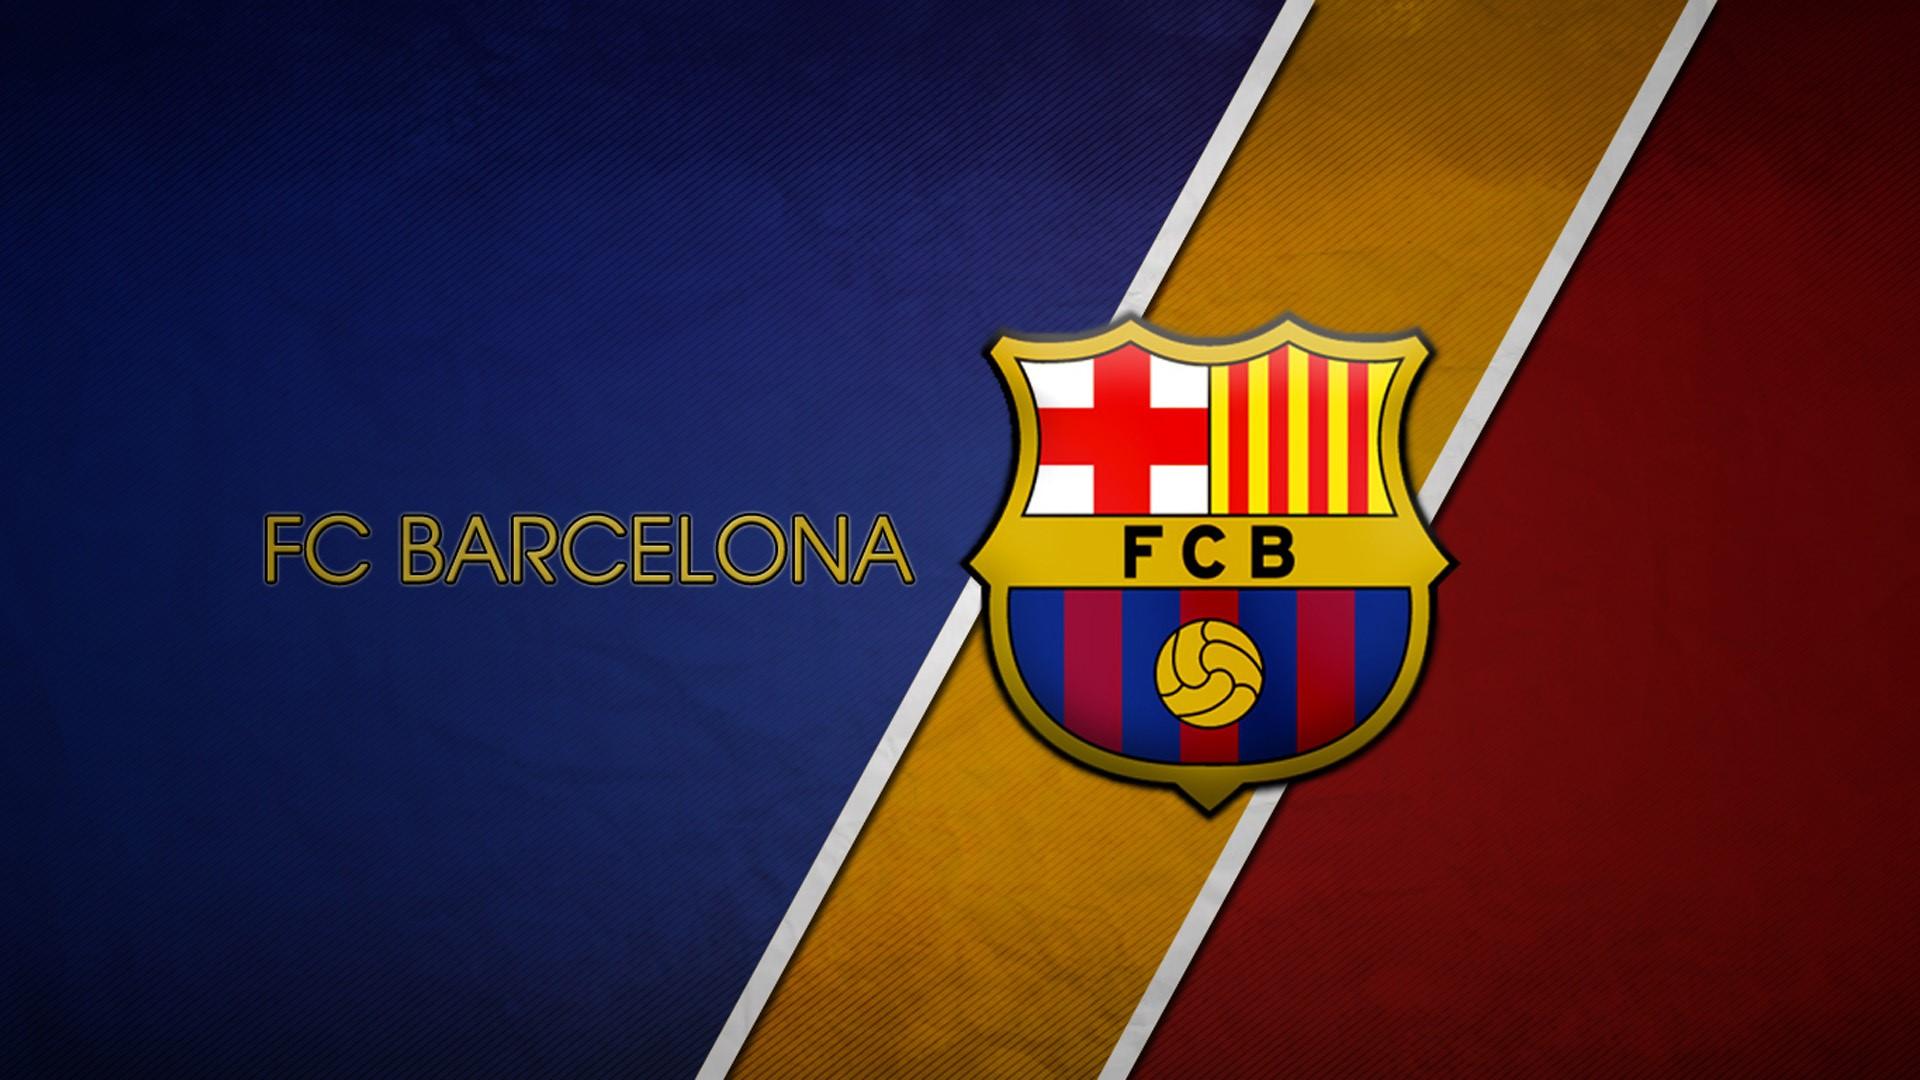 FC Barcelona HQ